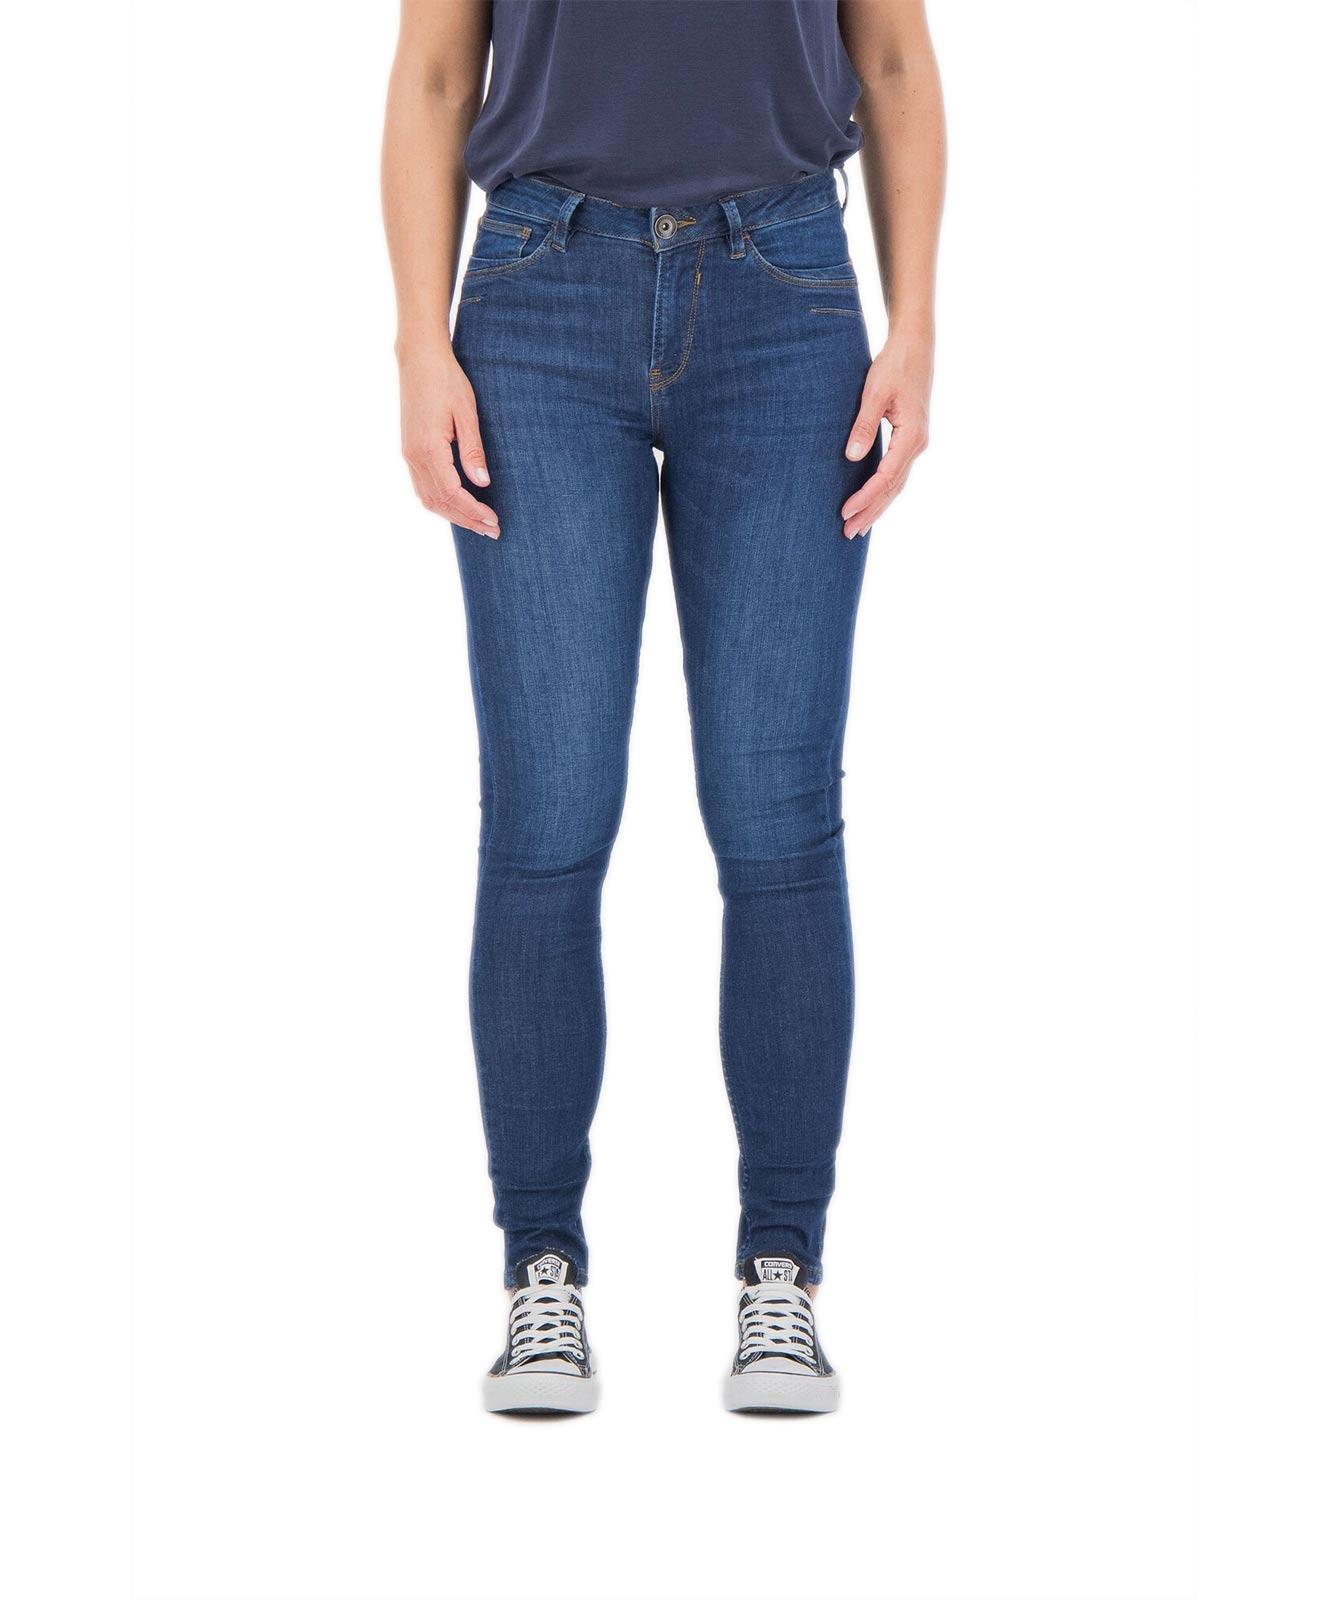 Hosen - Garcia Slim Fit Jeans Celia in Dark Used  - Onlineshop Jeans Meile